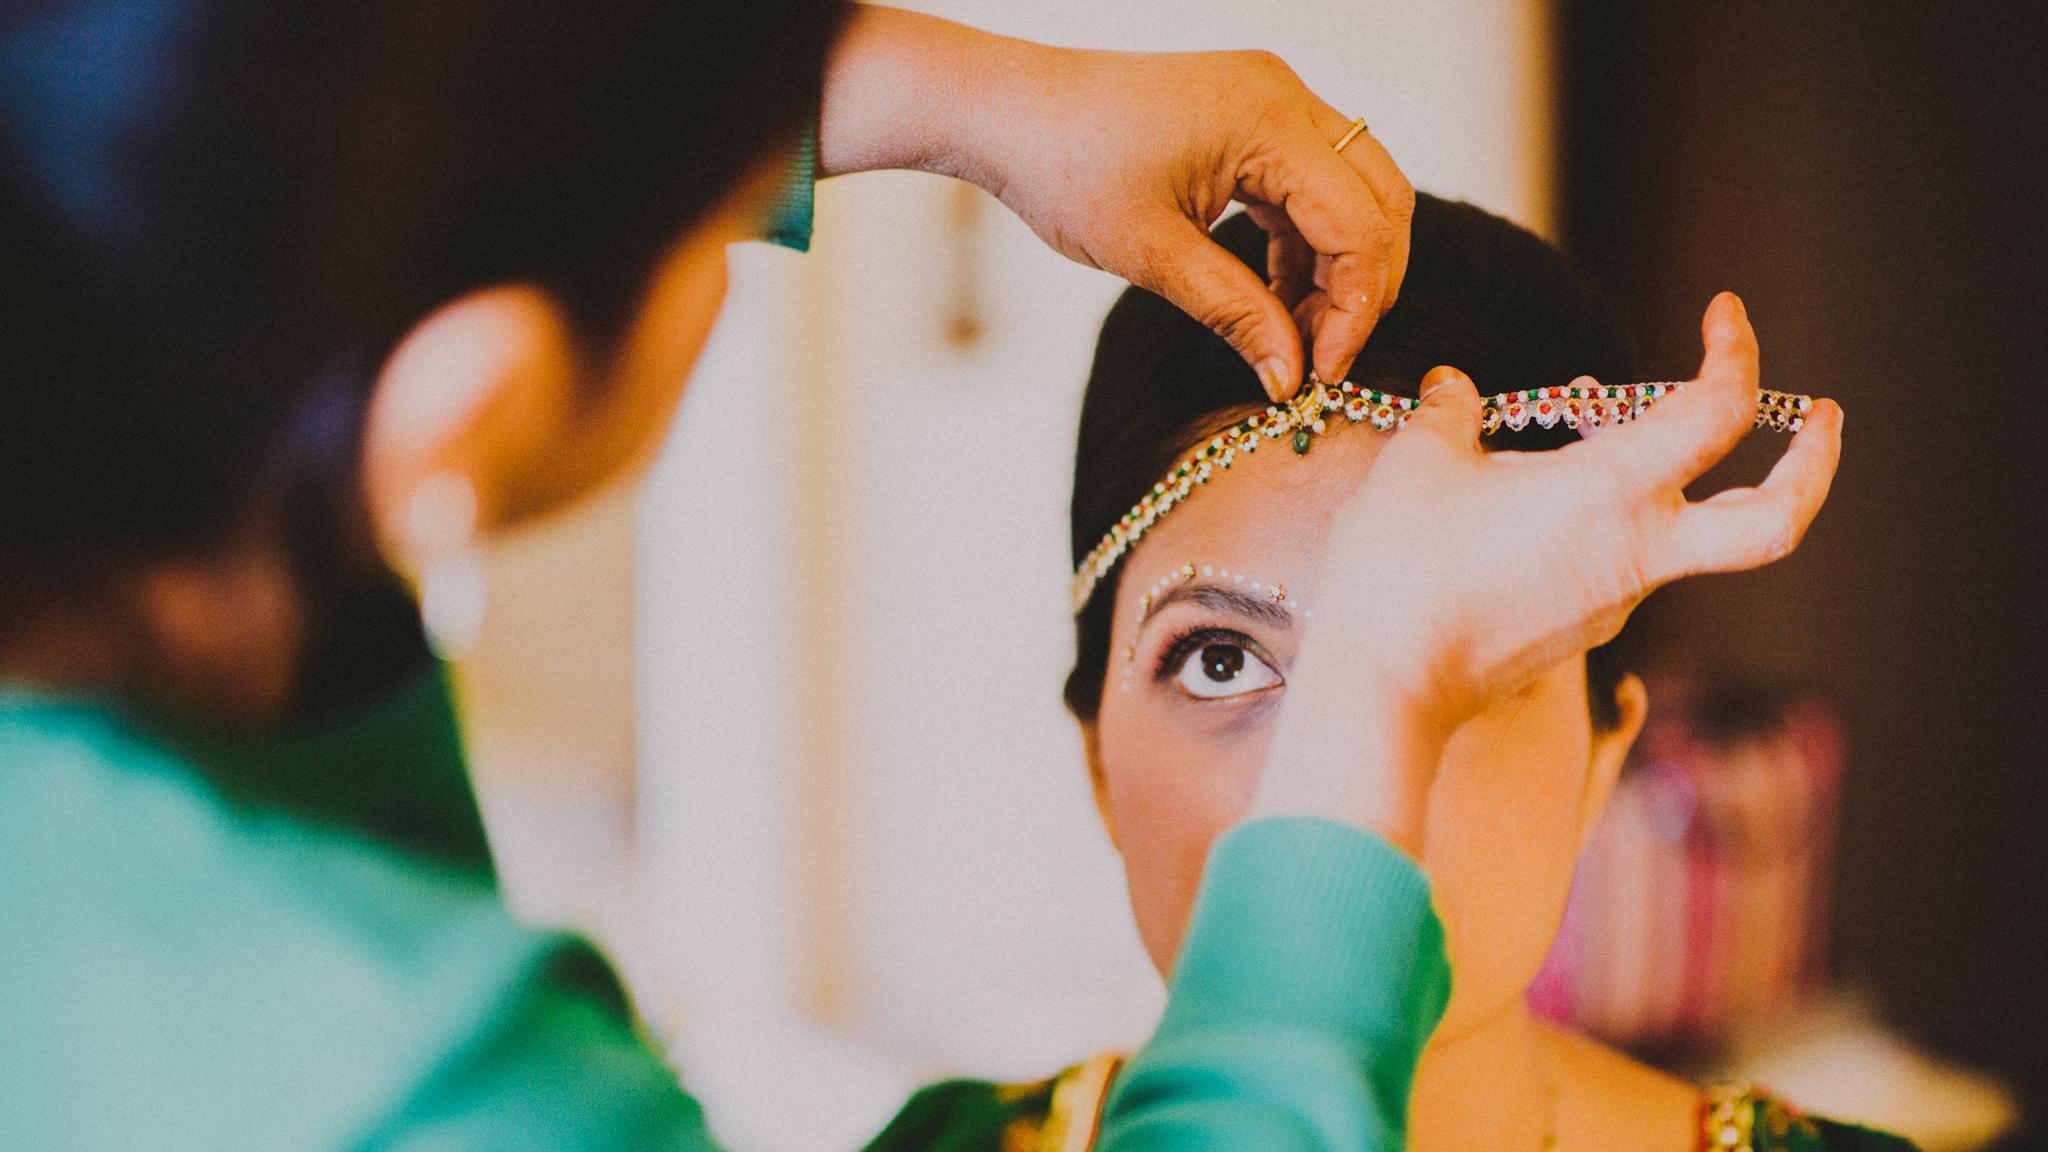 orlando_wedding_photographer_florida_gian_carlo_photography_016.jpg